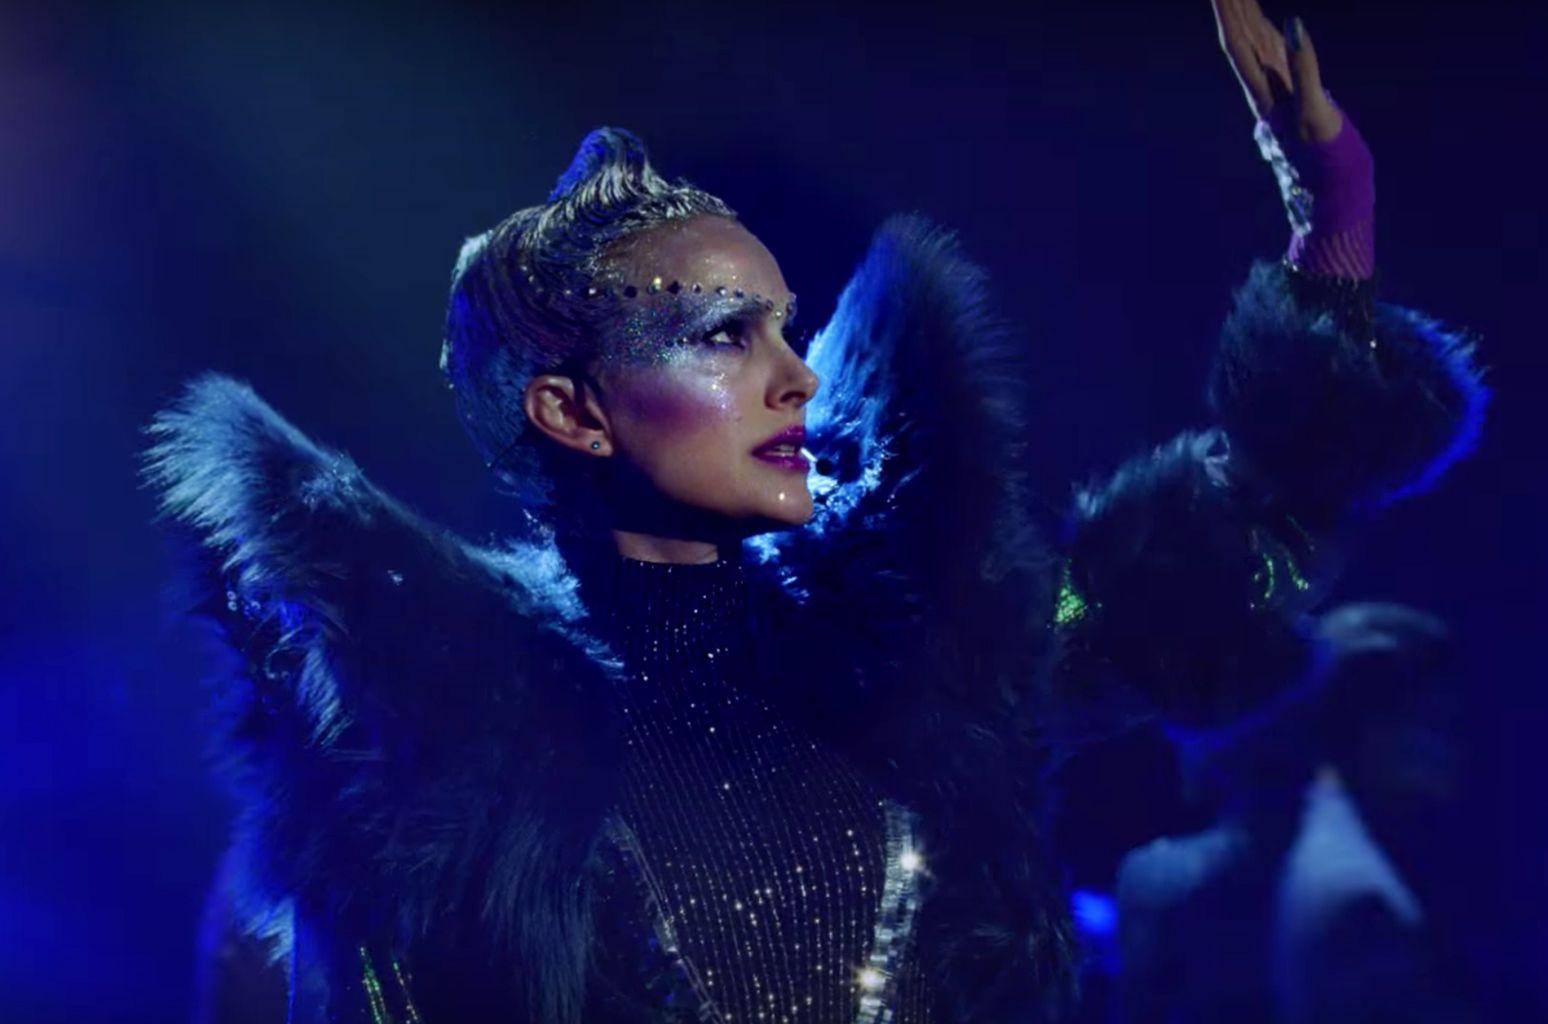 'Vox Lux' Soundtrack Release Date imagens) Beleza